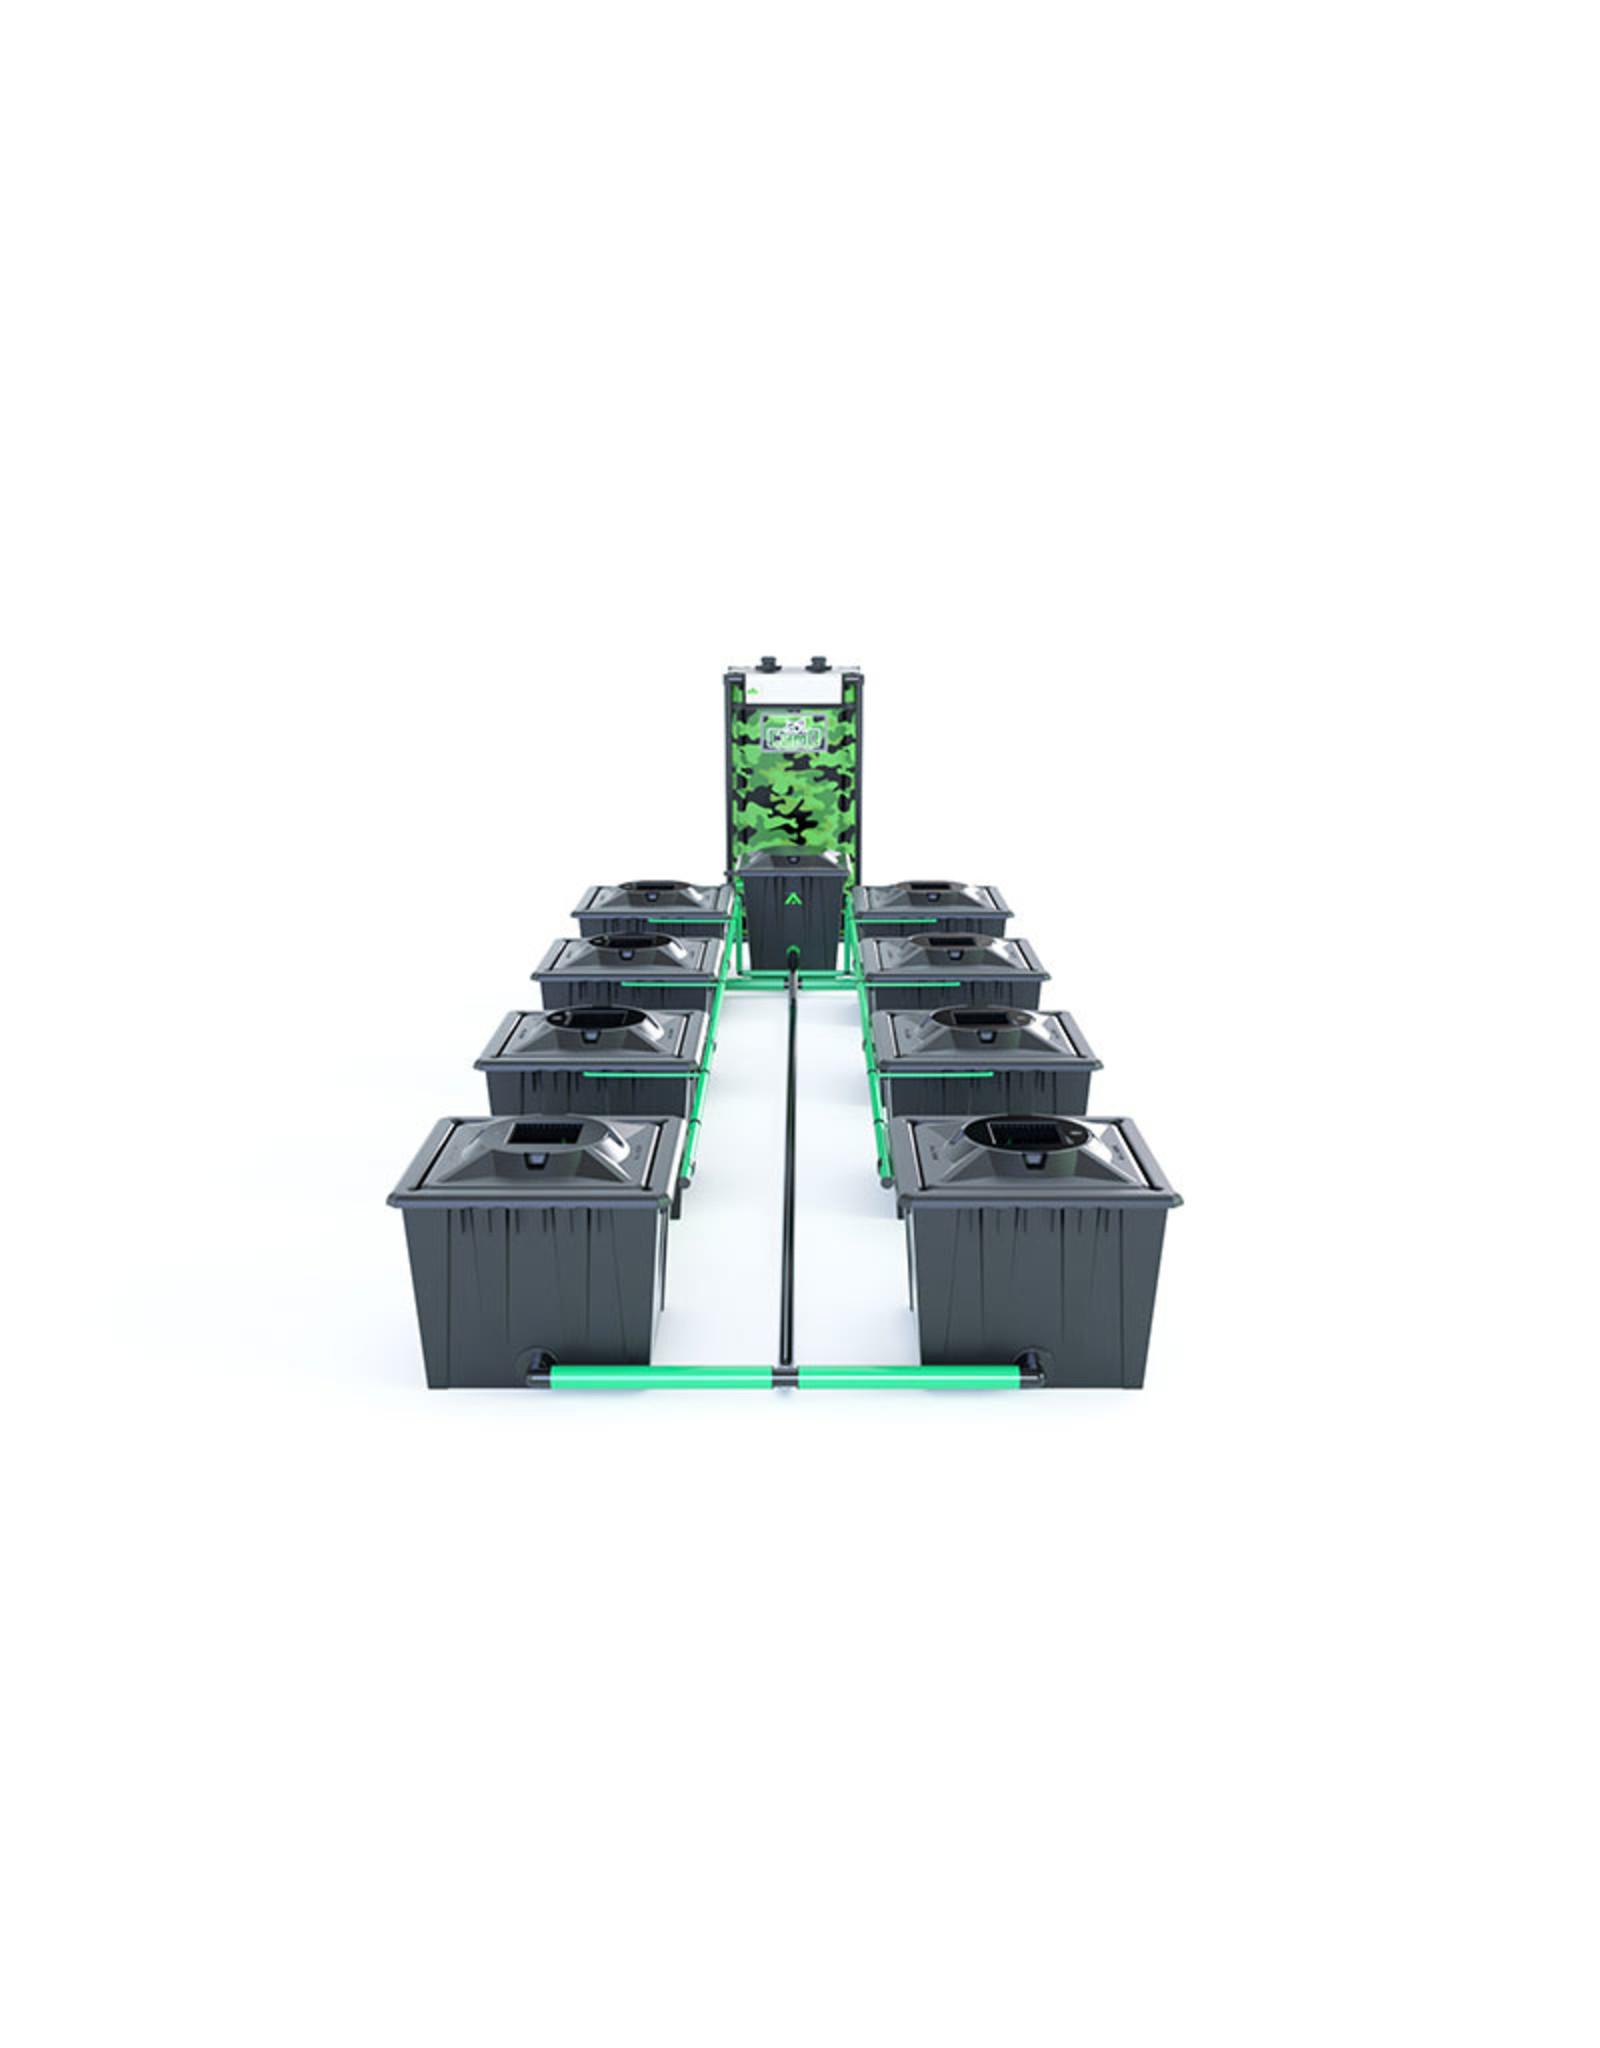 ALIEN HYDROPONICS RDWC BLACK SERIES 36L  8 POT SYSTEM